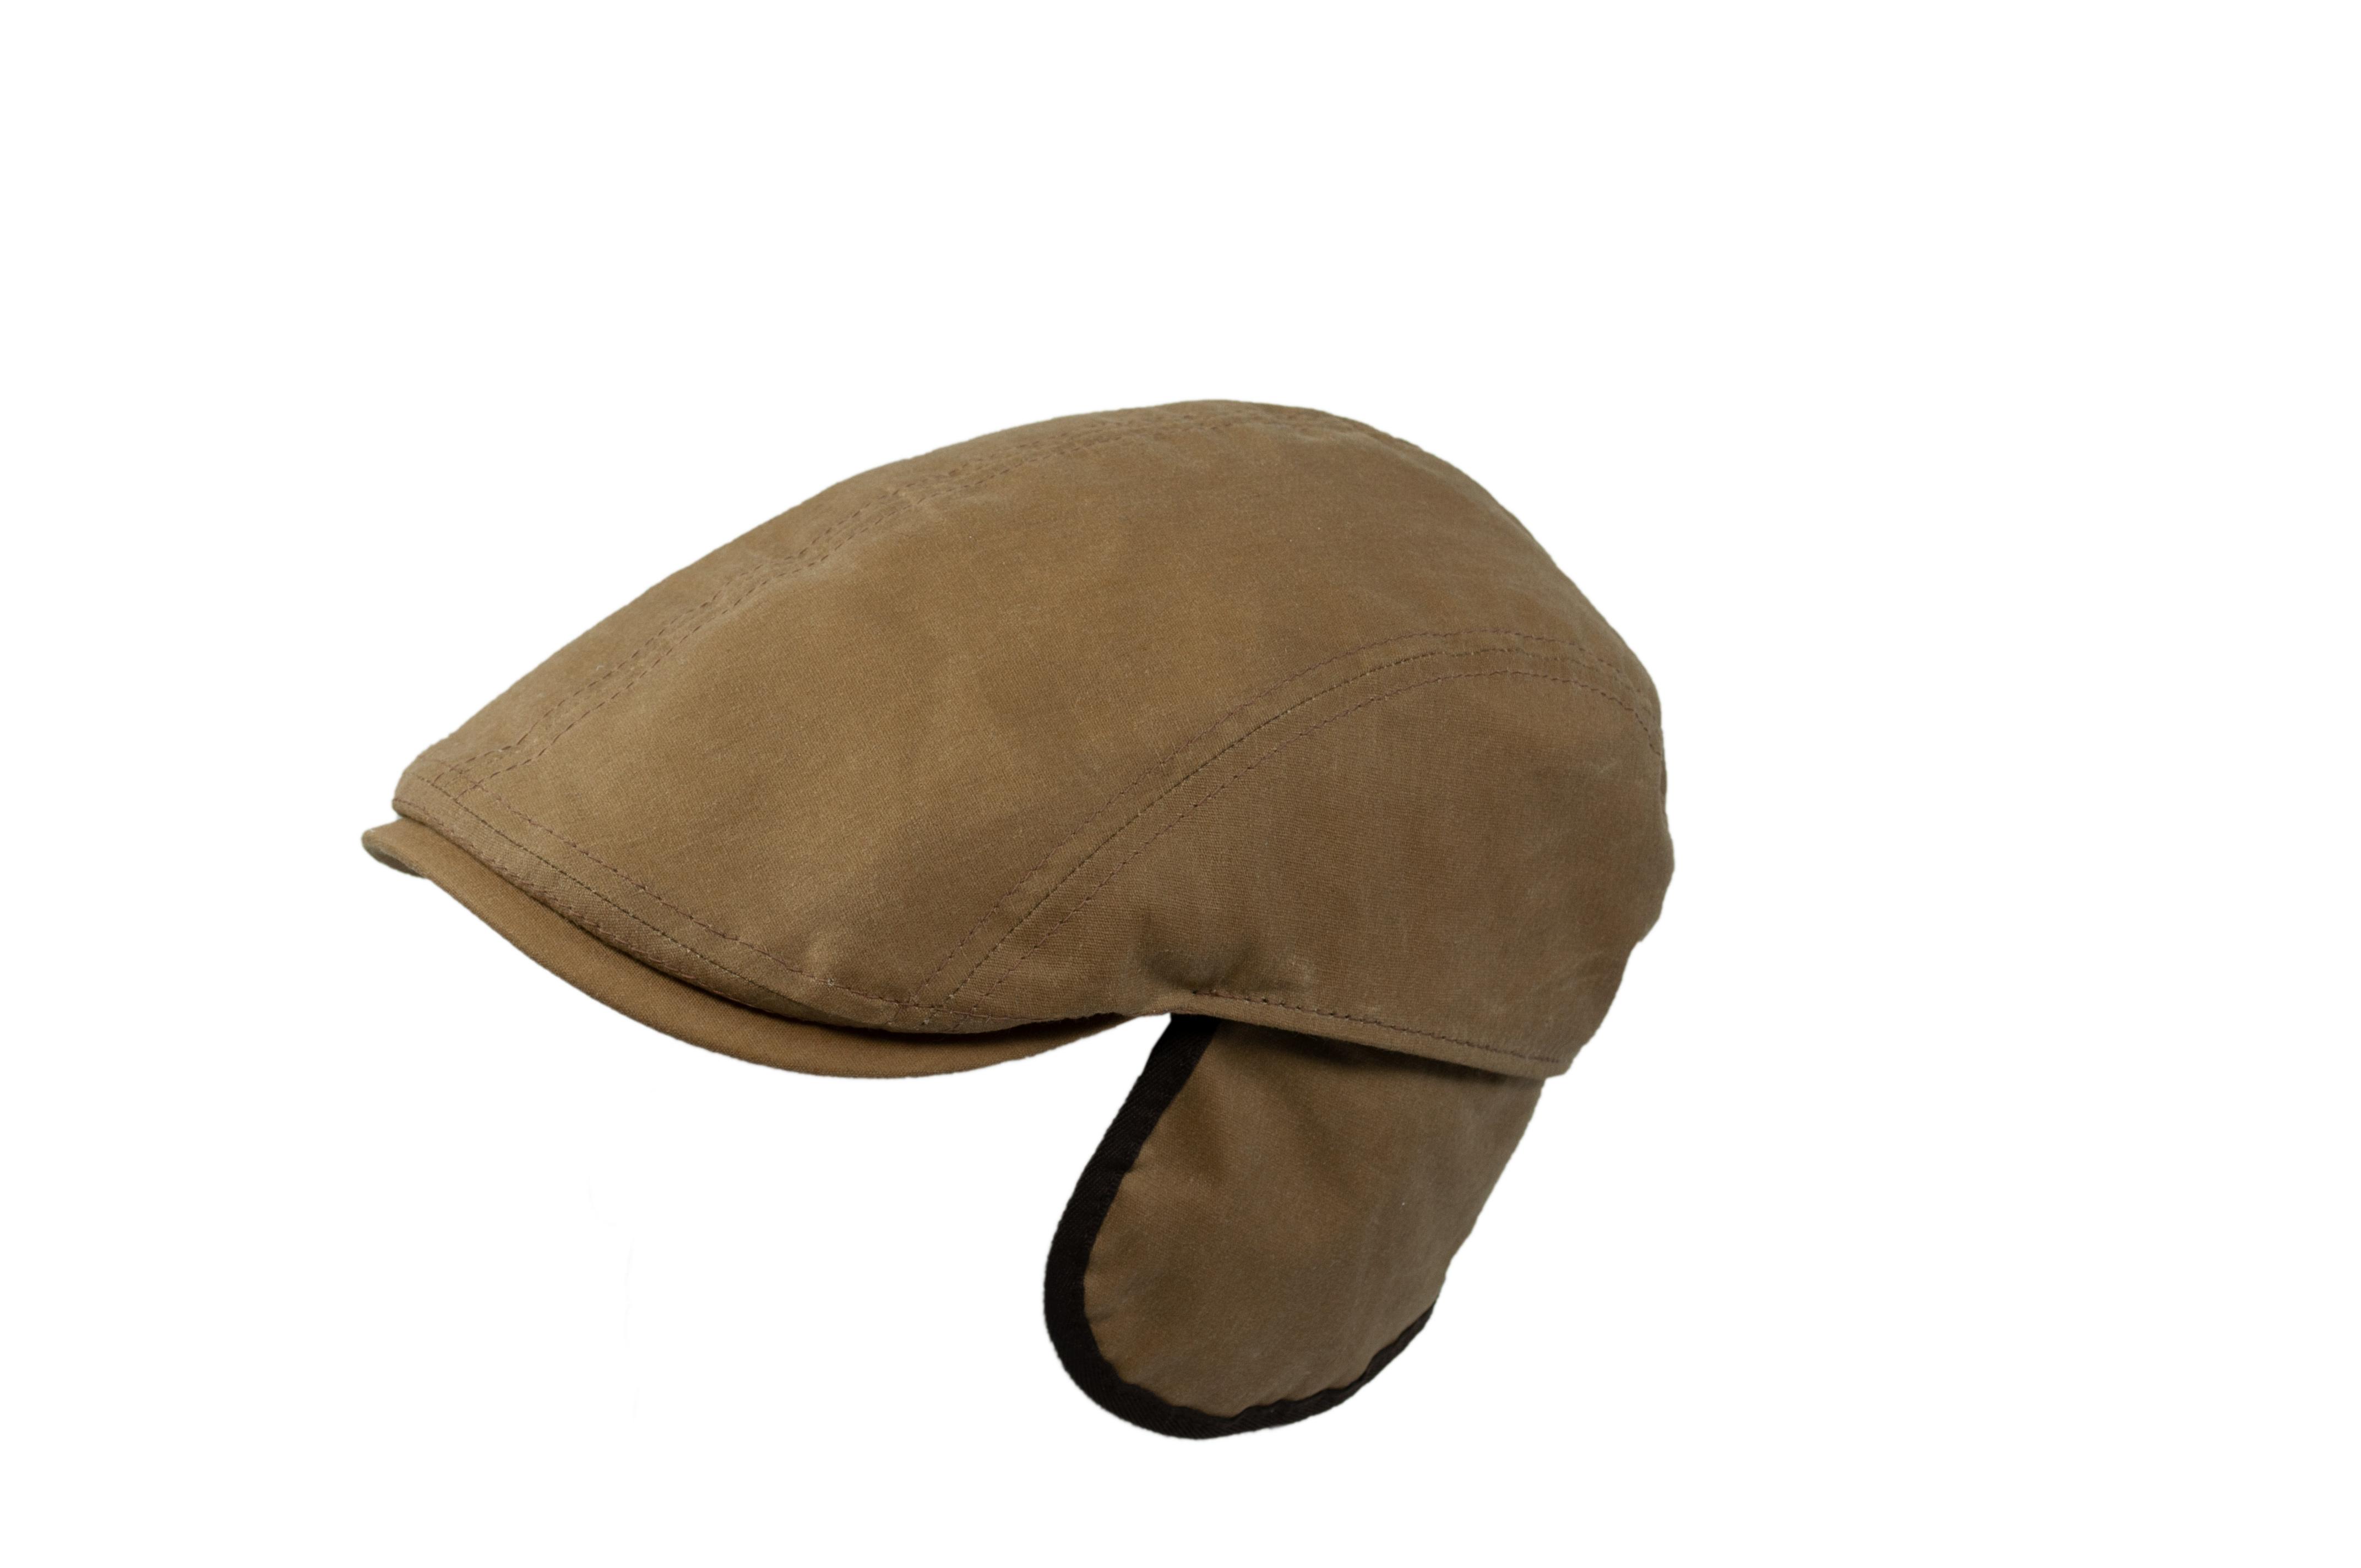 Mütze 2-teilig + Klappe -  oil skin cotton 59 cm Grau